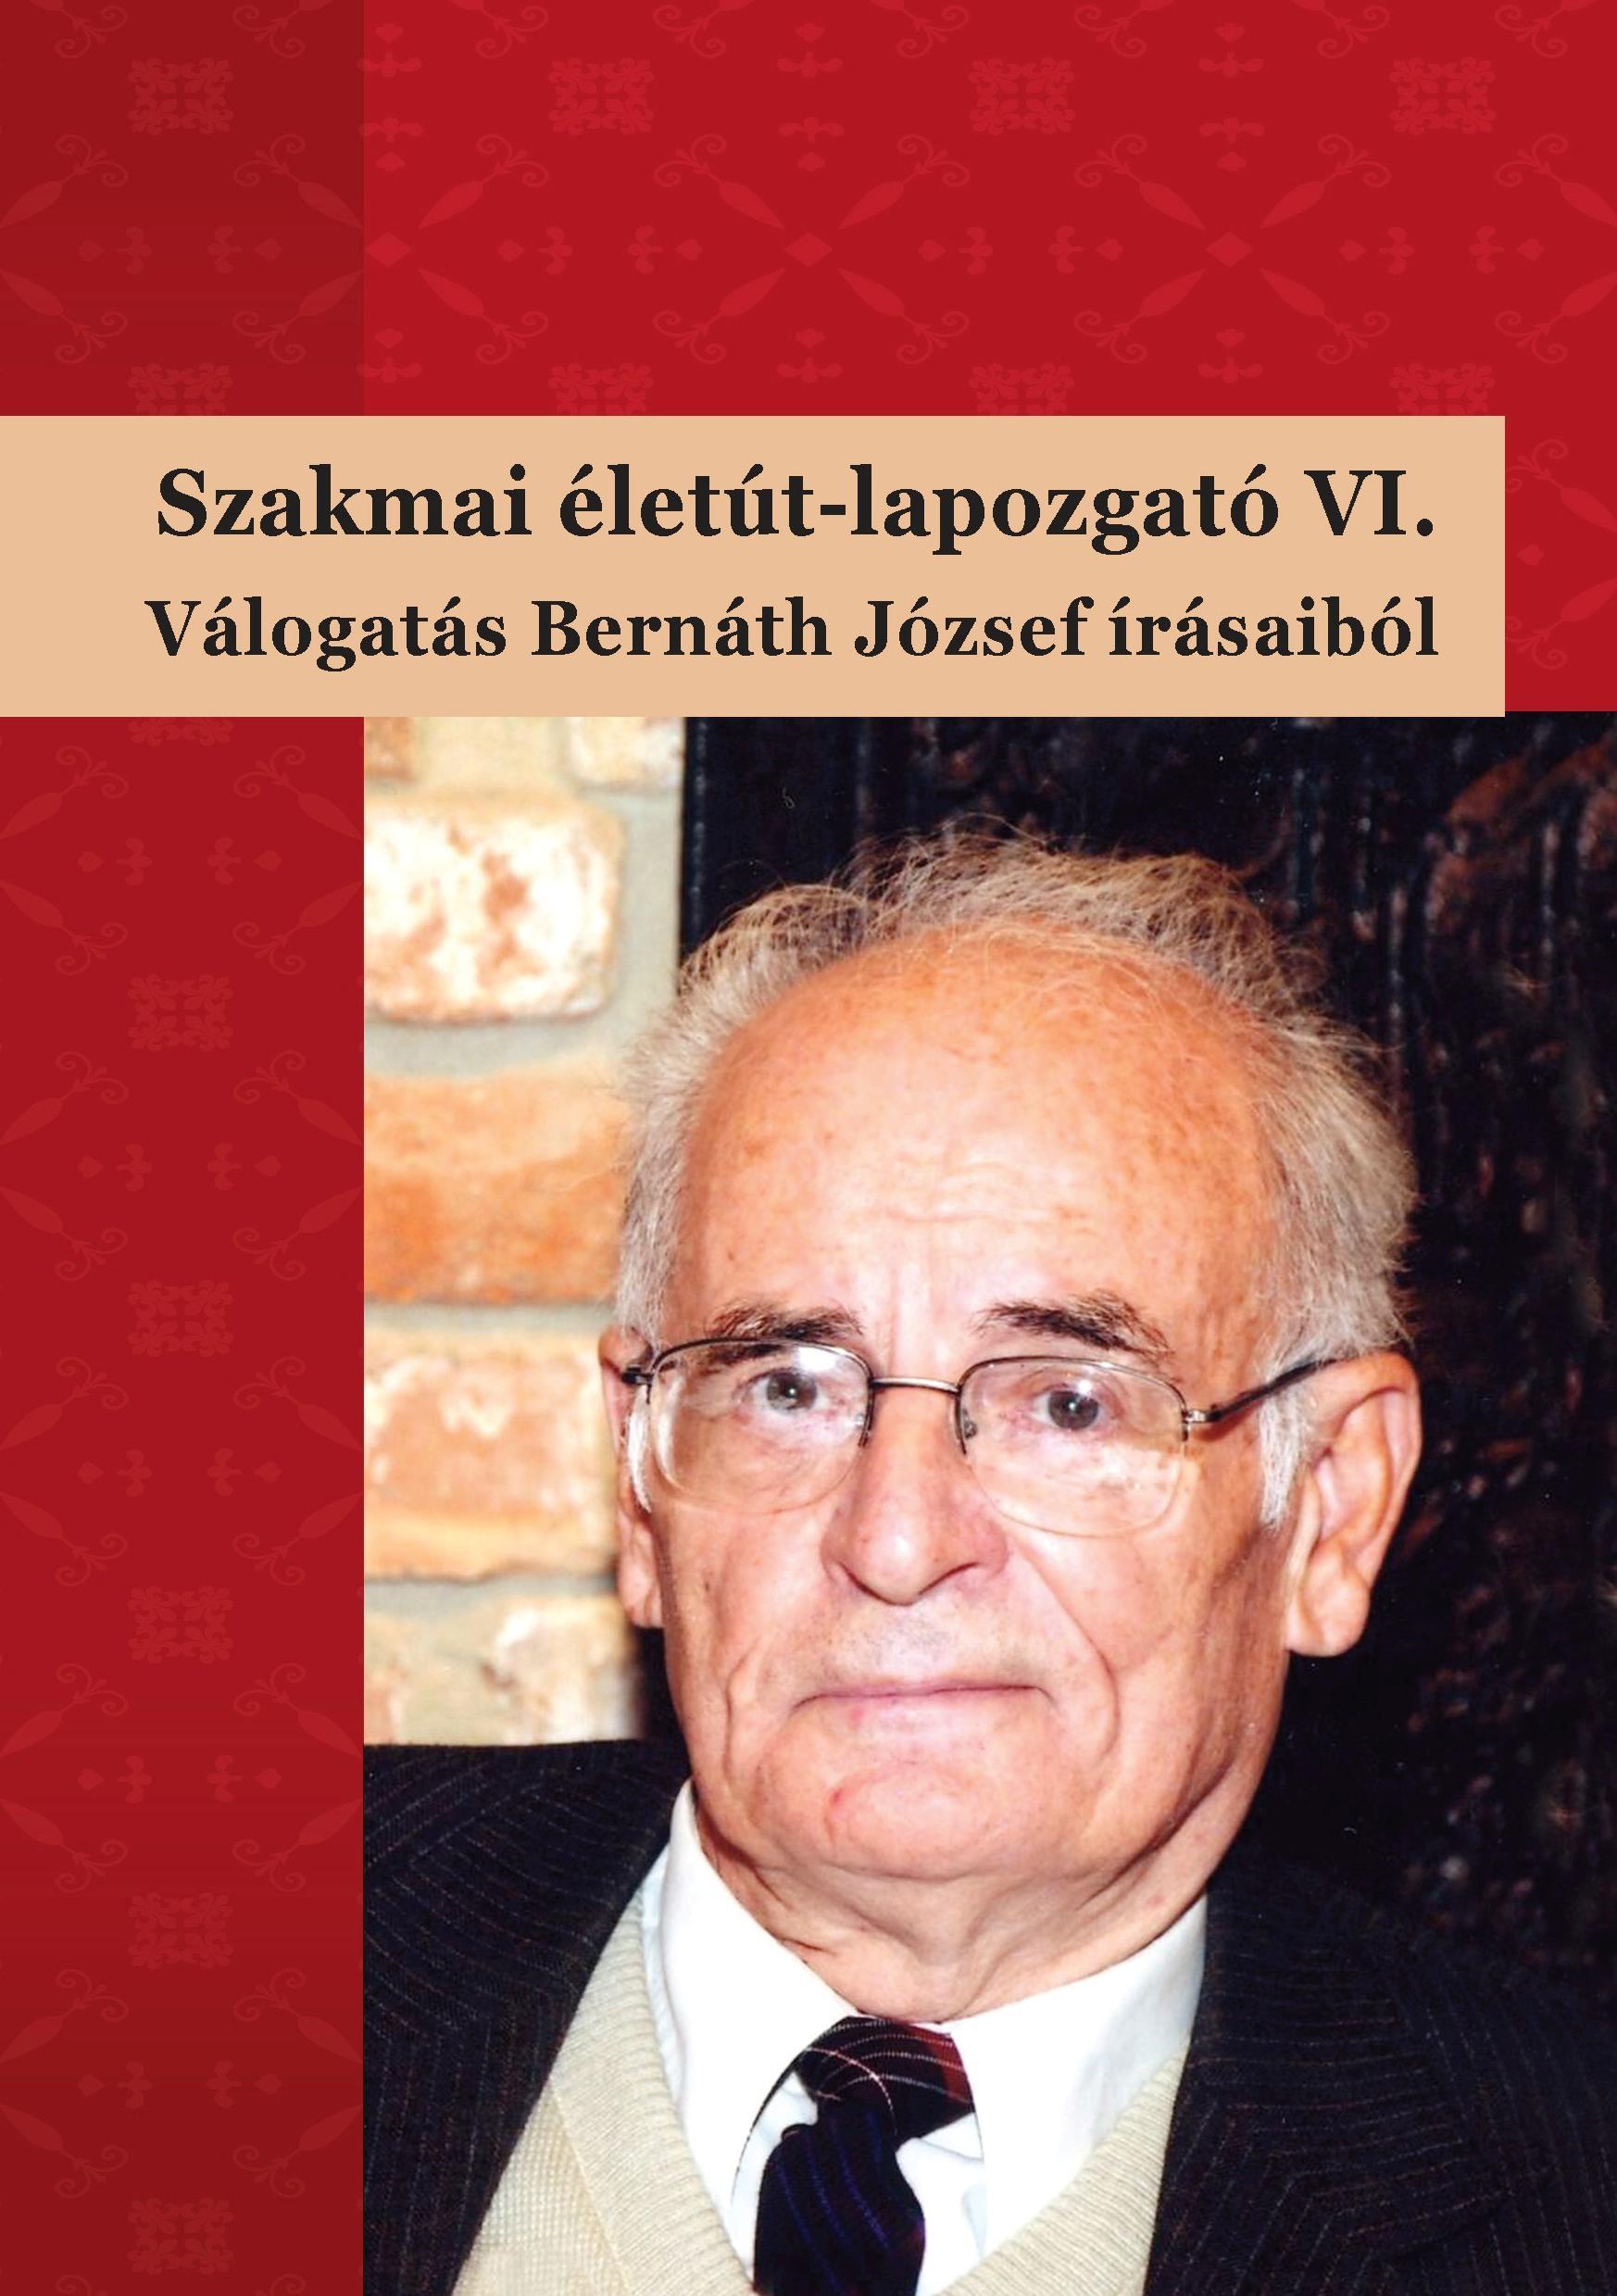 SZAKMAI ÉLETÚT-LAPOZGATÓ VI. - VÁLOGATÁS BERNÁTH JÓZSEF ÍRÁSAIBÓL